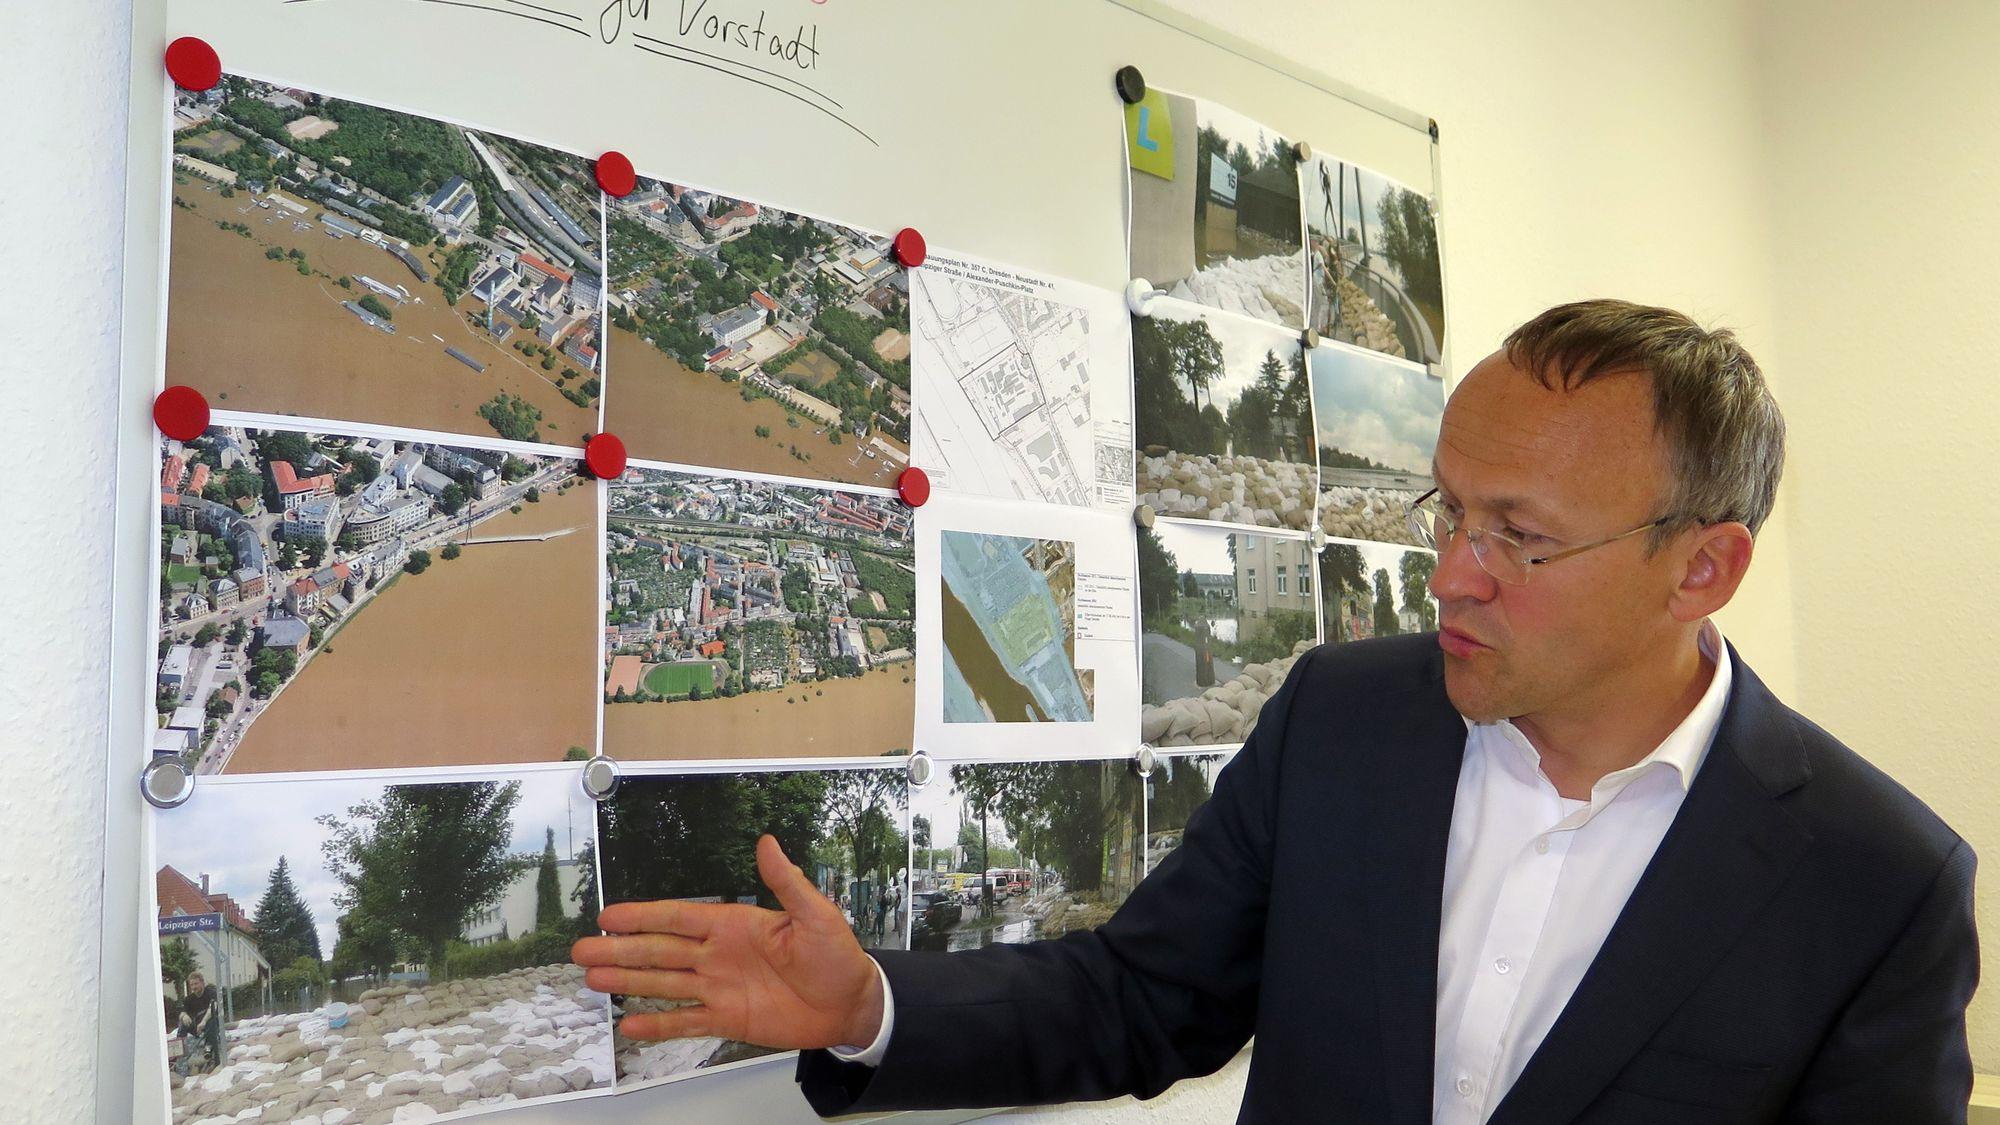 SPD-Fraktionschef Peter Lahmes erläutert die Folgen des letzten Hochwassers